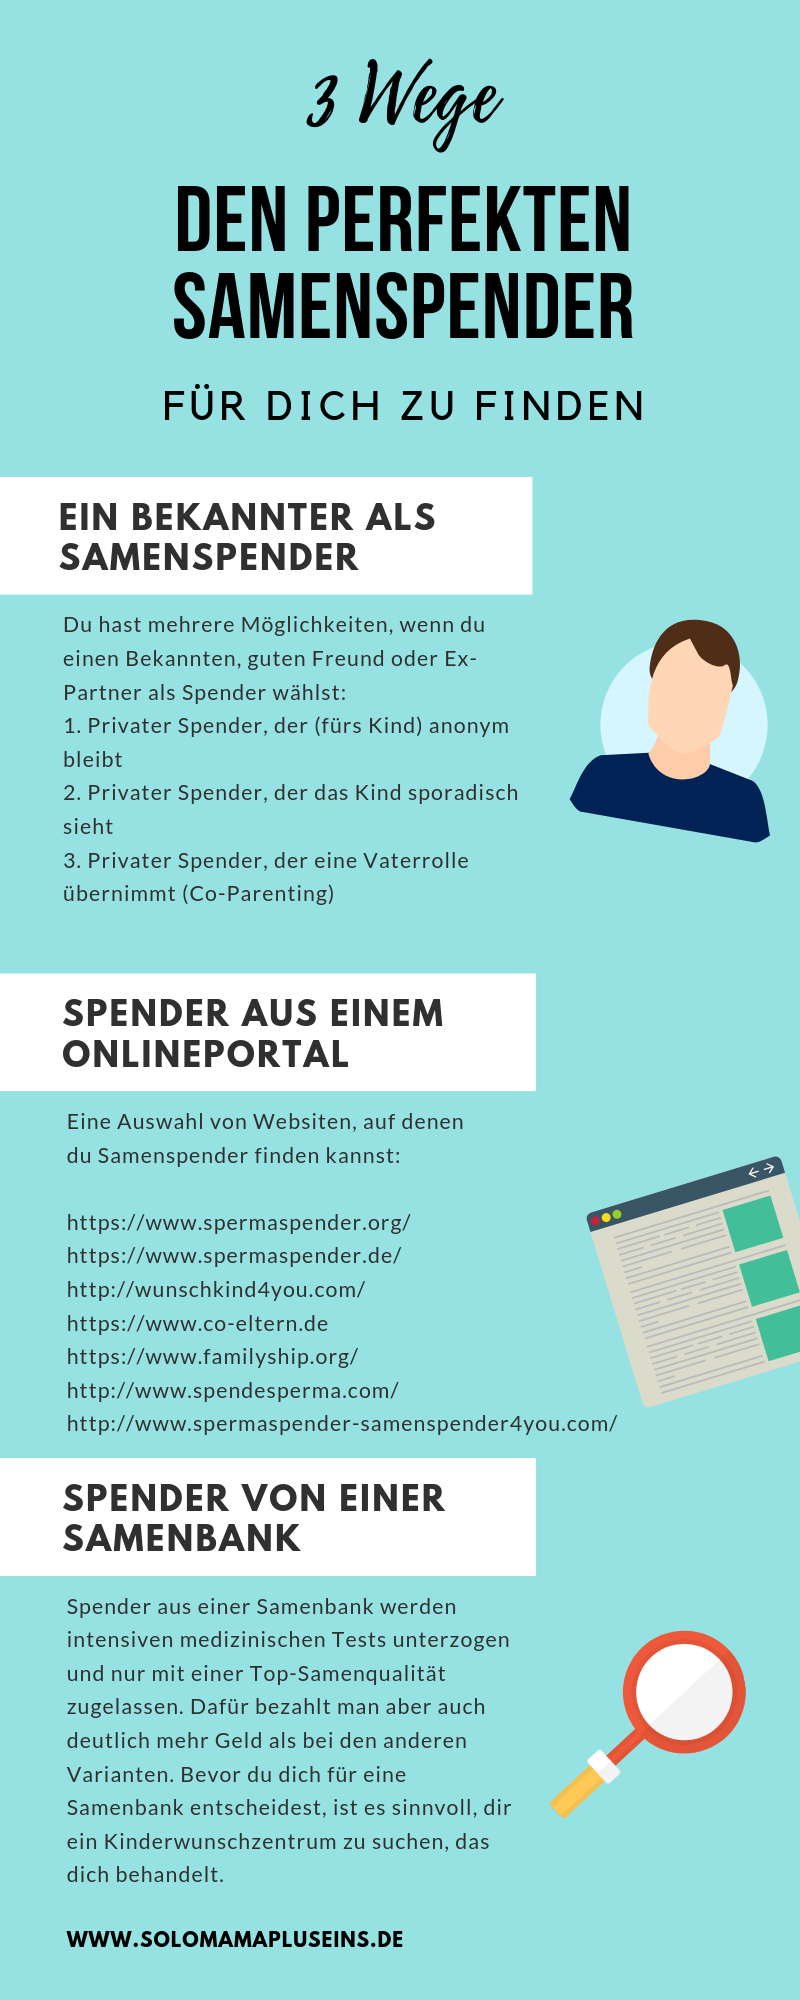 3 Wege den perfekten Samenspender zu finden | www.solomamapluseins.de